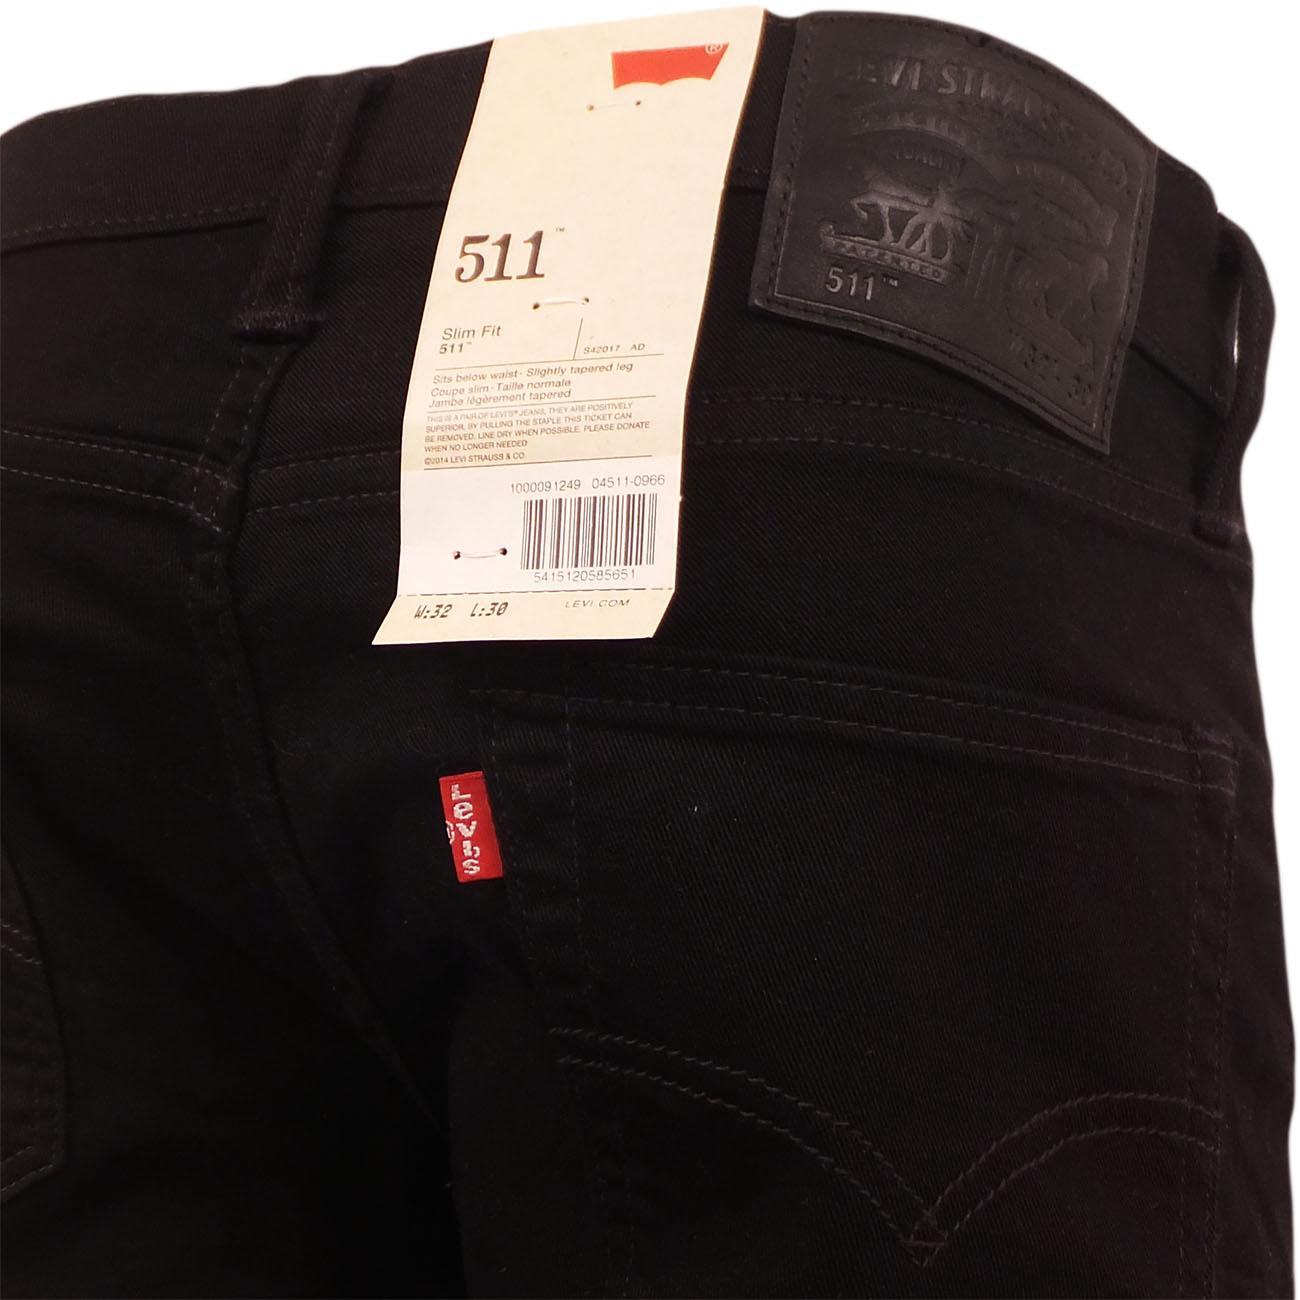 5e2582e0d37c Sentinel Levi's 511 Jean Slim Fit Tapered Leg 'Moonshine' Black 30 32 34 36